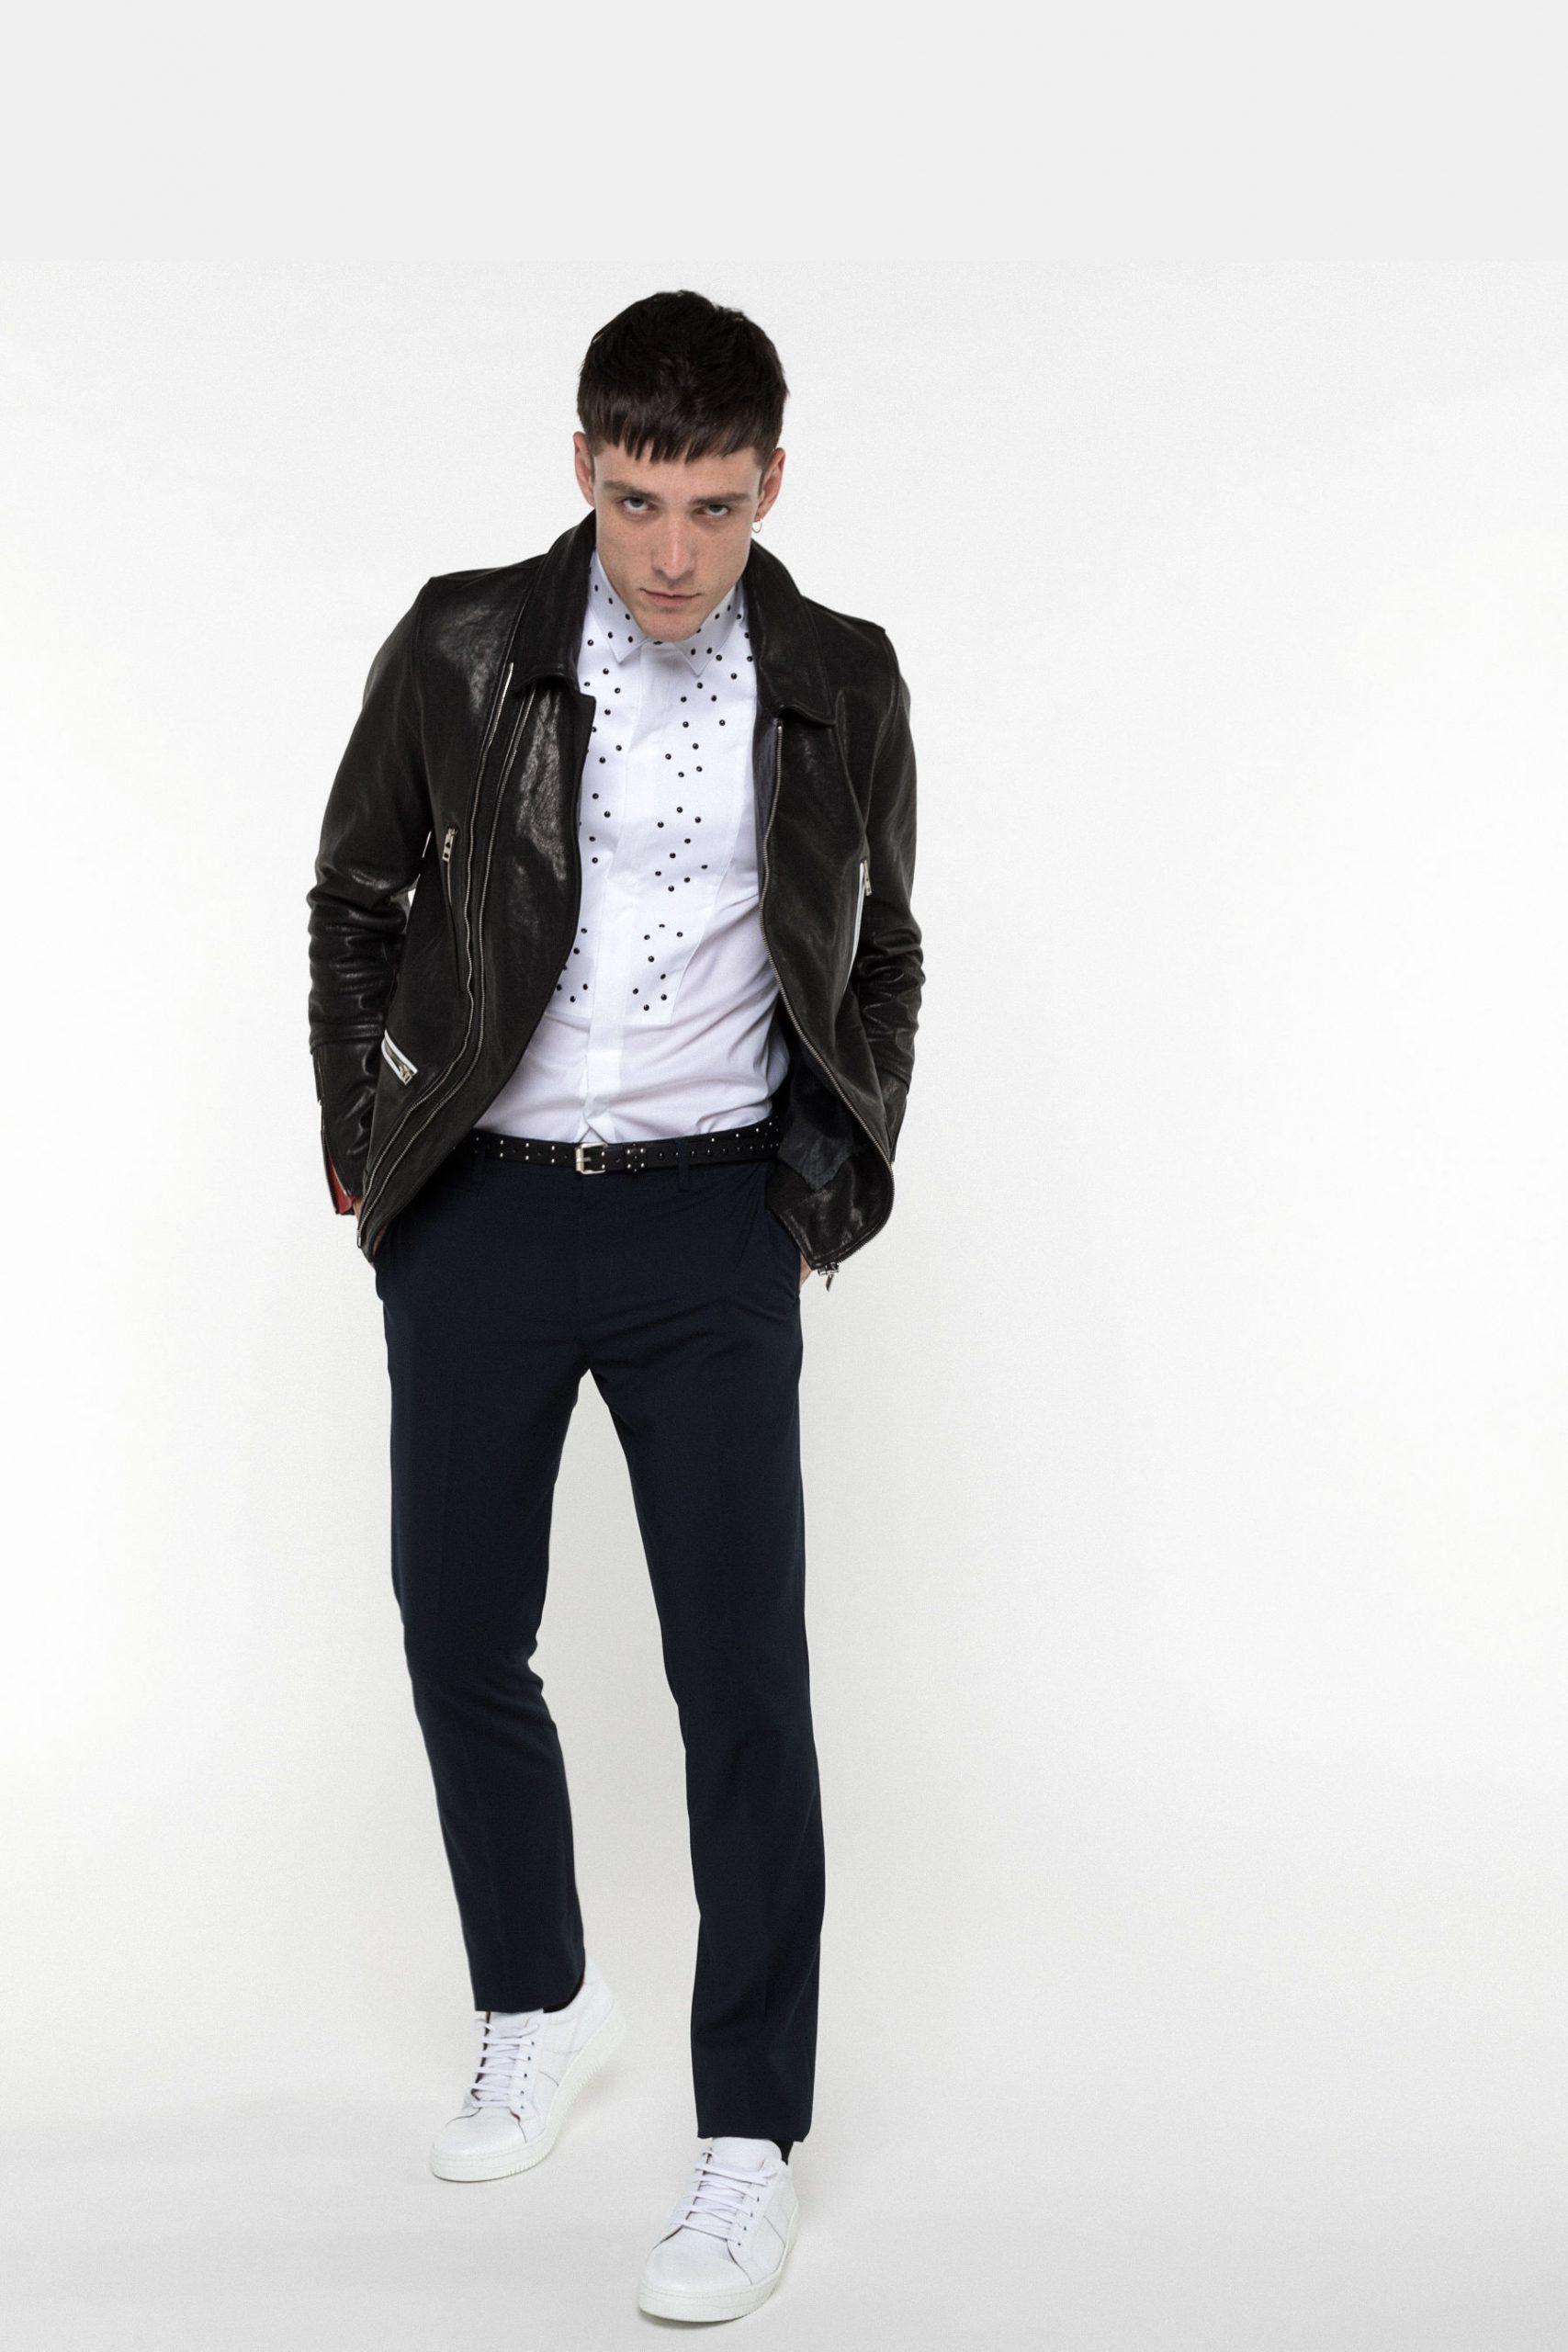 Abbigliamento Patrizia Pepe  Giubbotto Chiodo nero vinile male collezione 2020 shop the look